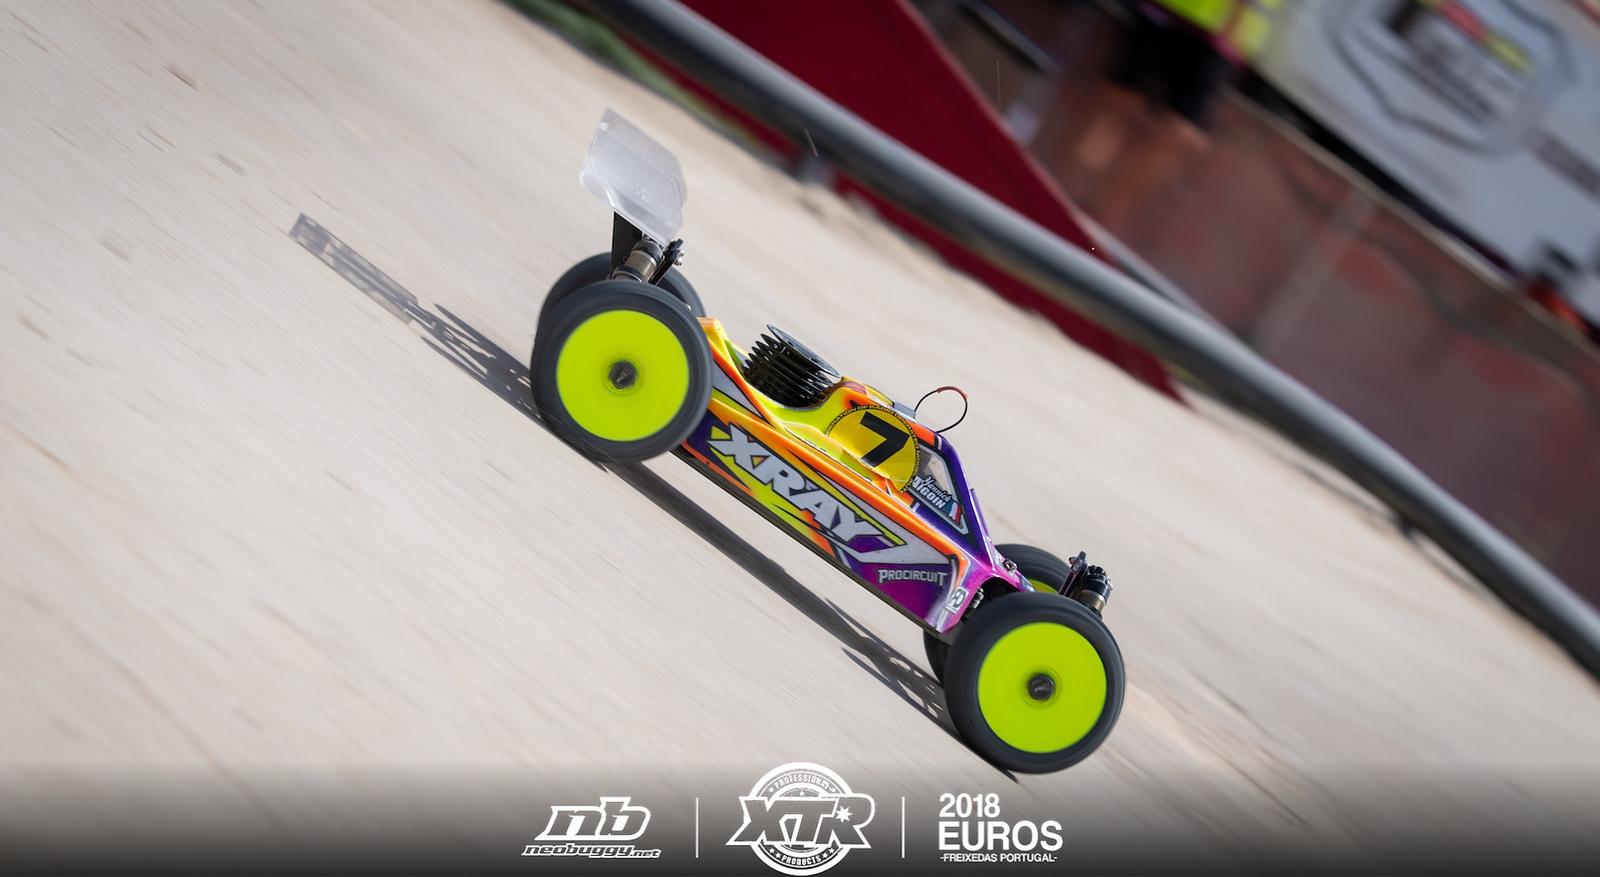 https://photos.smugmug.com/2018-Events/Euros/Friday-Quali-Finals/i-vmzmL6Z/0/f5cf5d21/X3/CIR_3341-X3.jpg